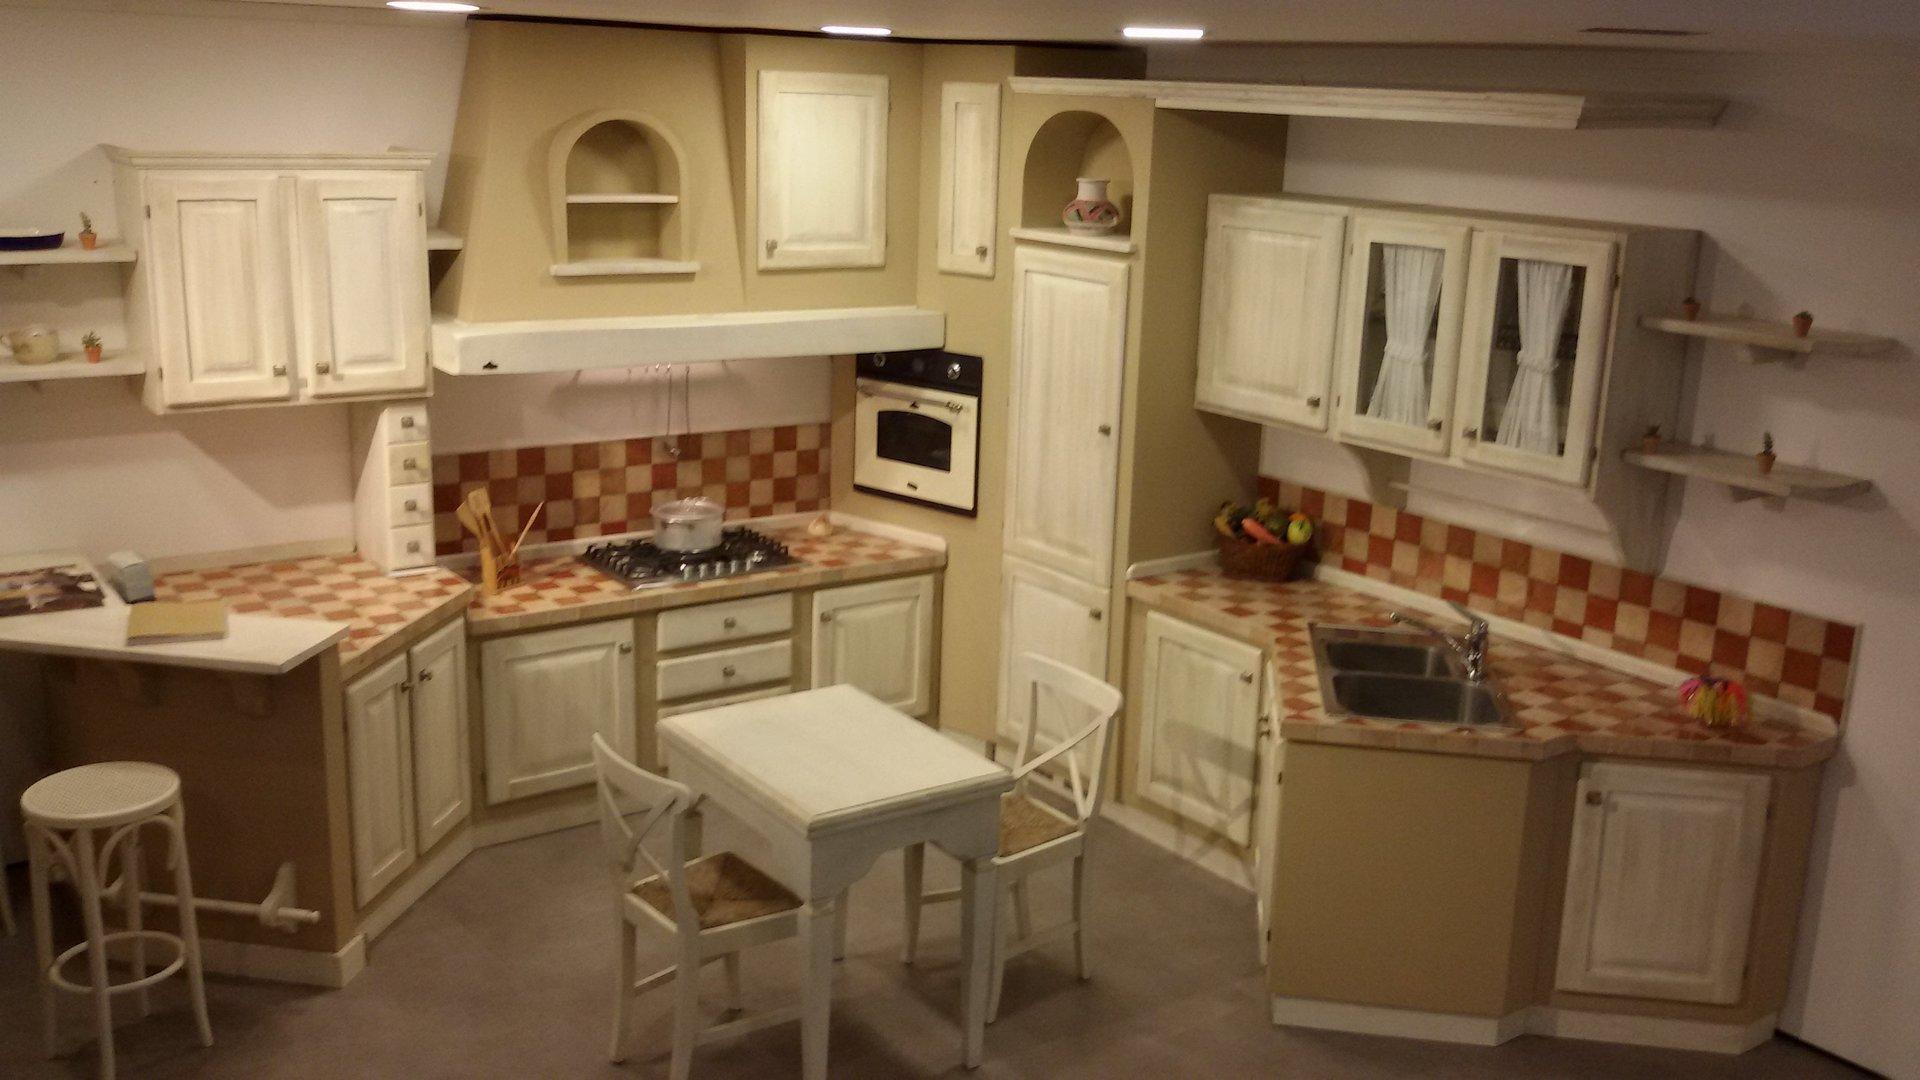 Mobili in promozione vibo valentia scarcia arredamenti - Sogno in cucina ...